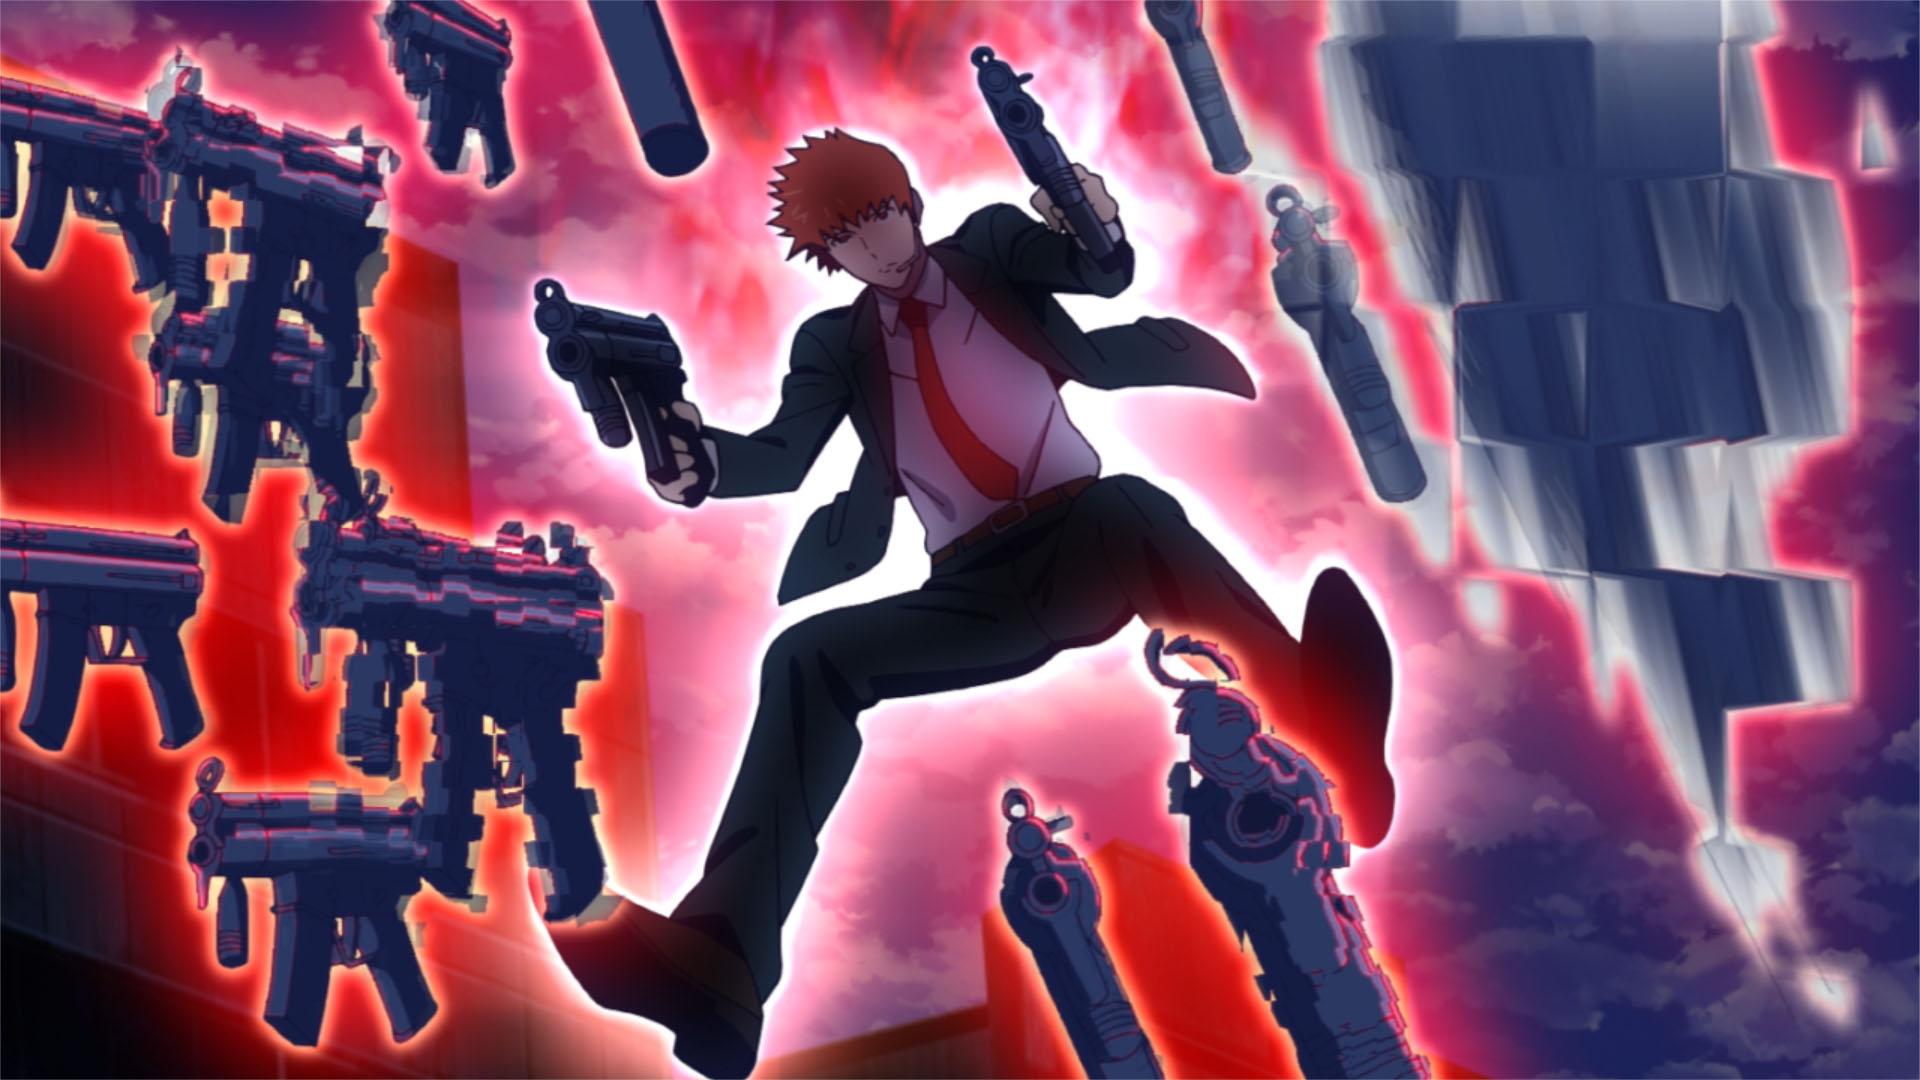 TVアニメ『消滅都市』追加声優陣・スタッフ情報が公開! ティザーPV&第3弾ビジュアルも解禁!